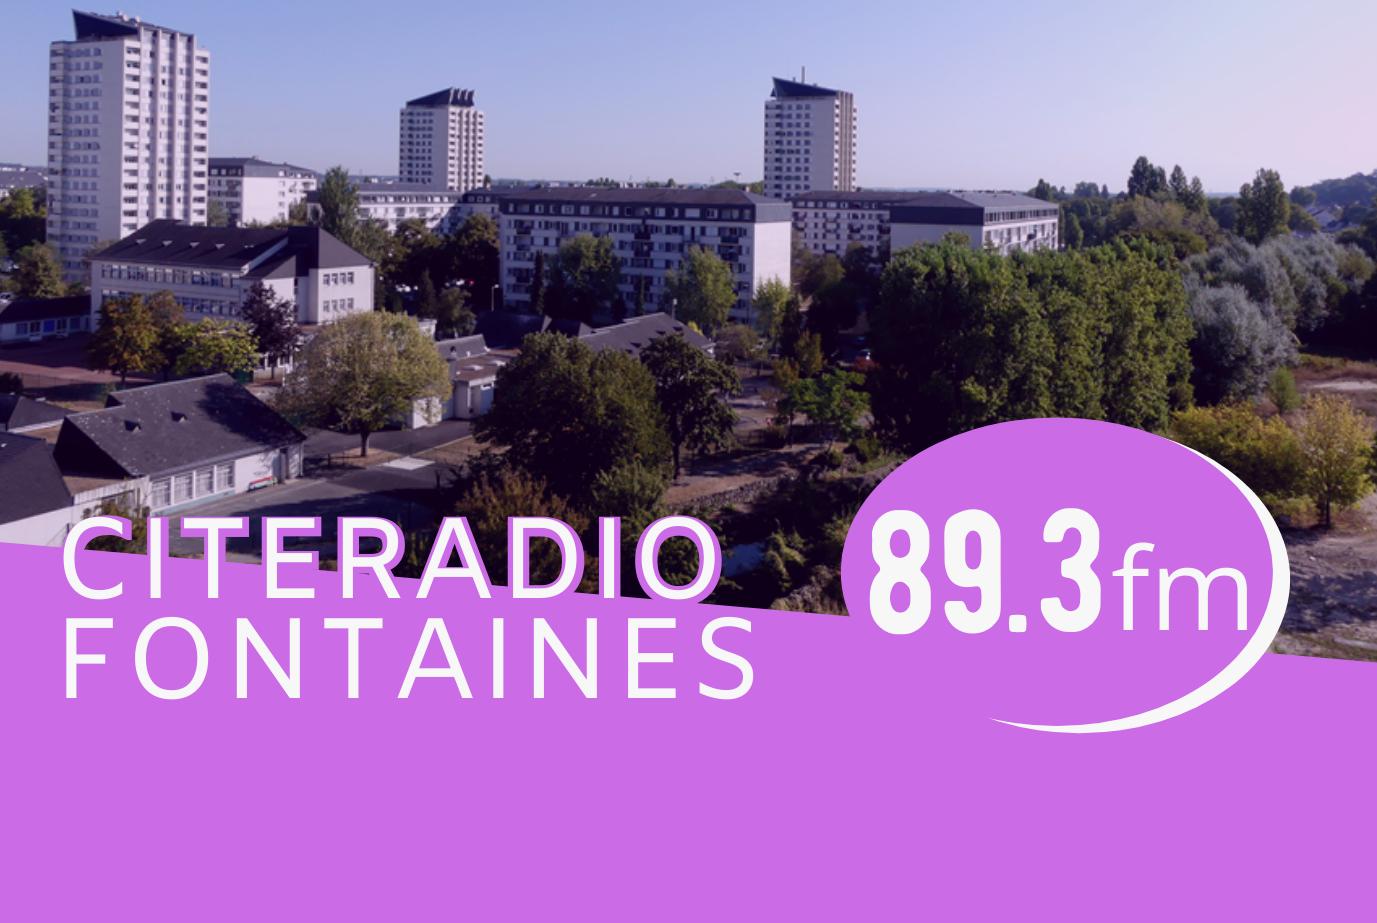 [CITERADIO] – CITERADIO Fontaines arrive sur le 89.3 FM !